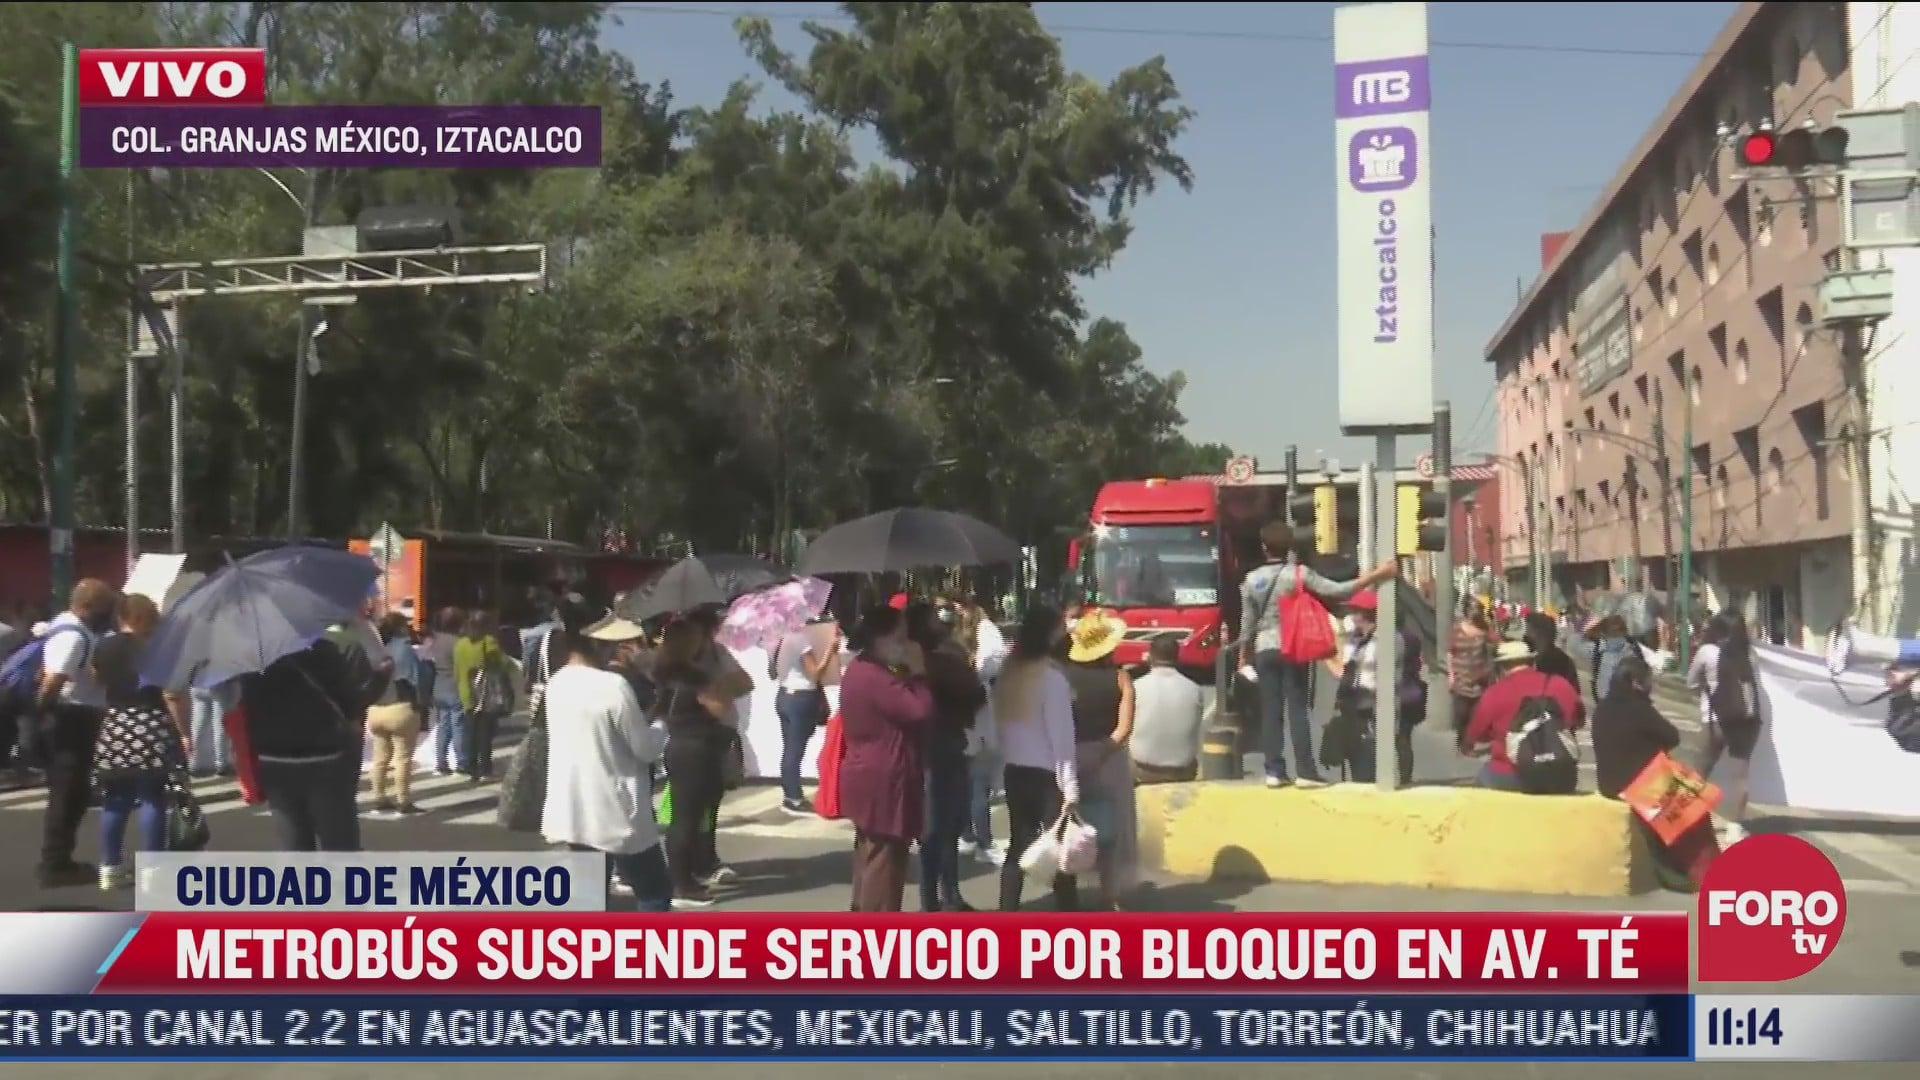 metrobus suspende servicio varias estaciones de la linea 2 por bloqueo en avenida te en iztacalco